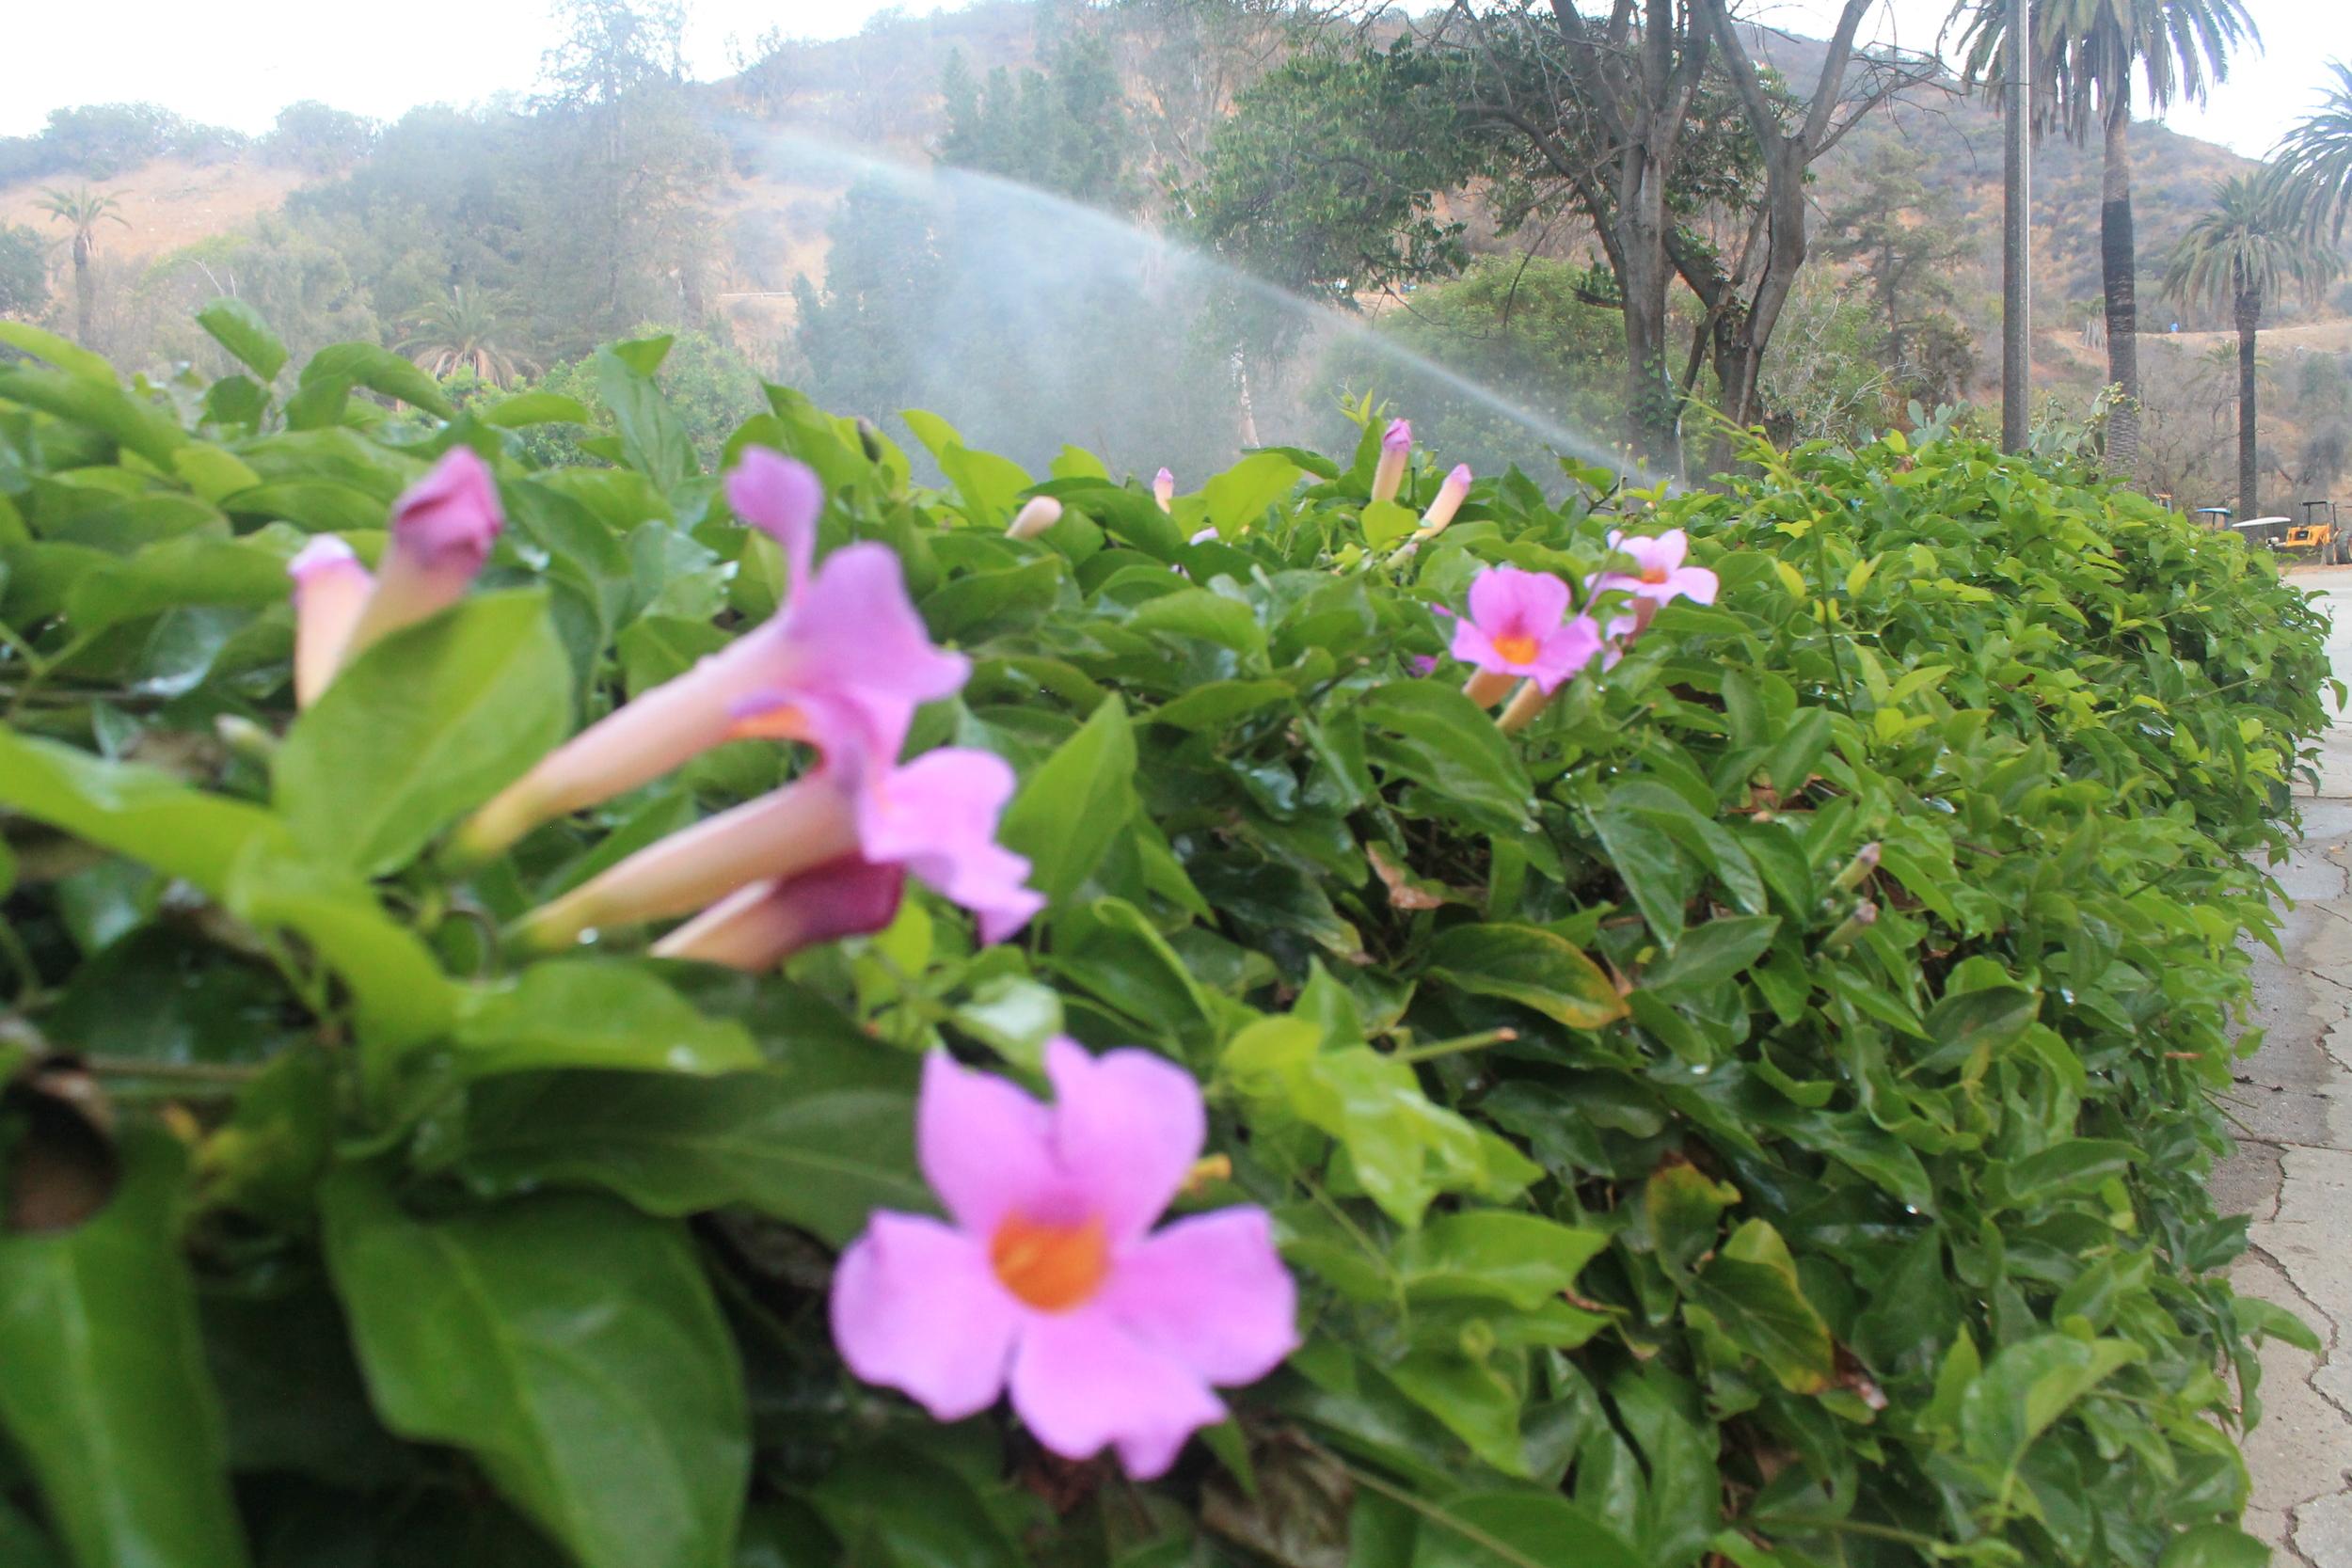 flower and sprinkler.JPG